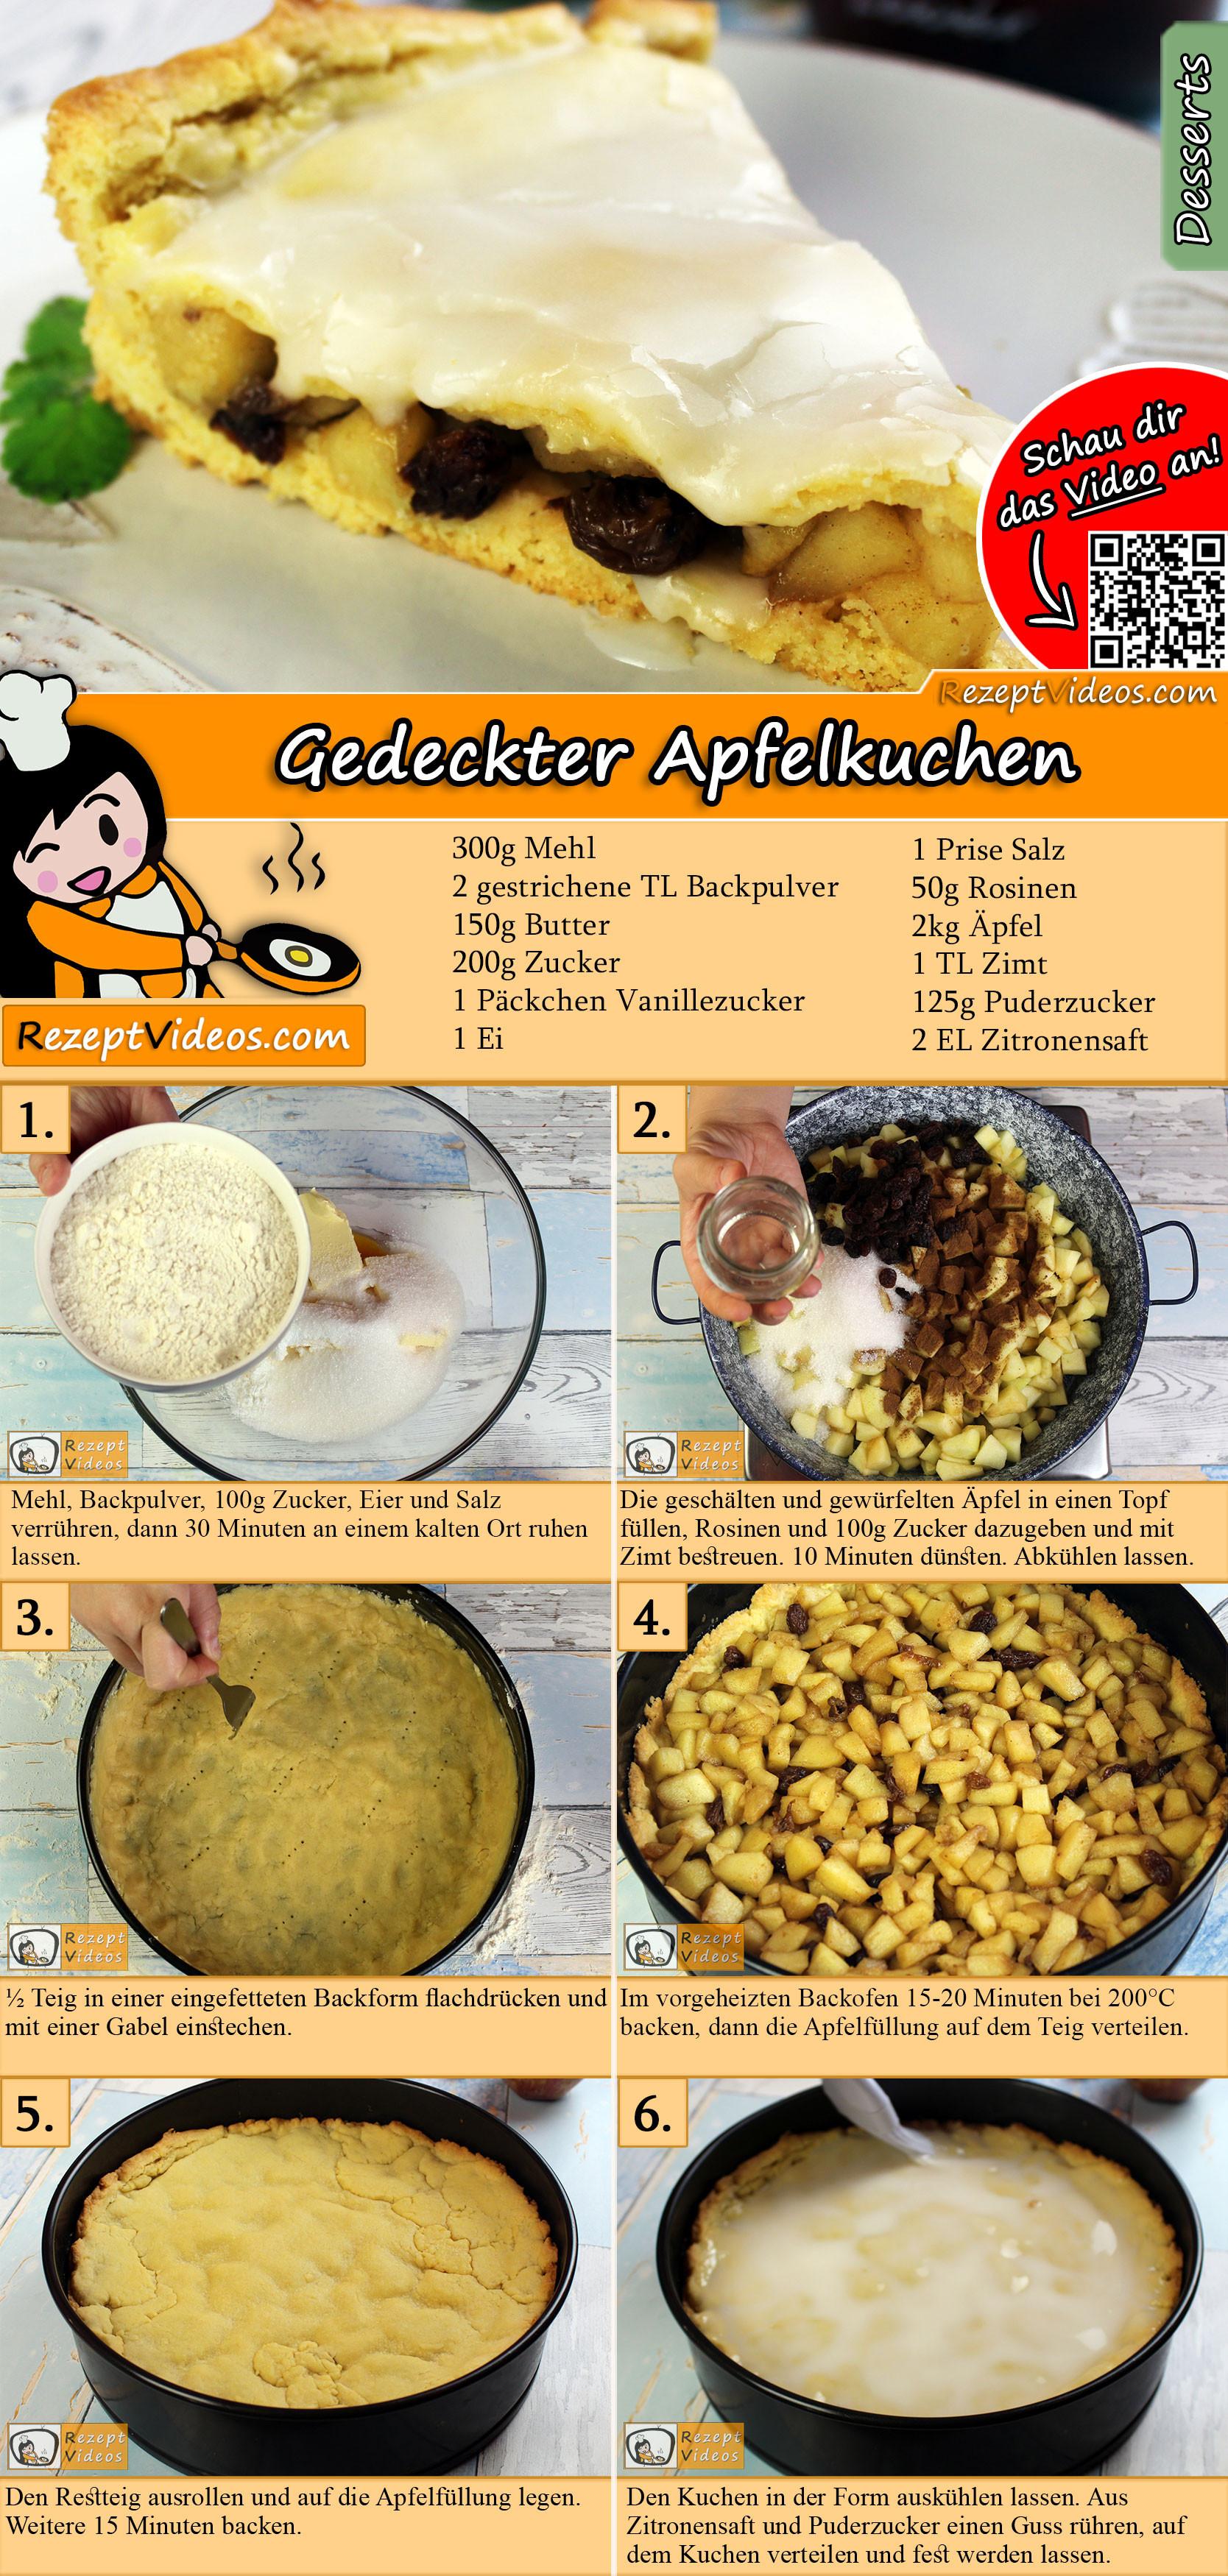 Gedeckter Apfelkuchen Rezept mit Video